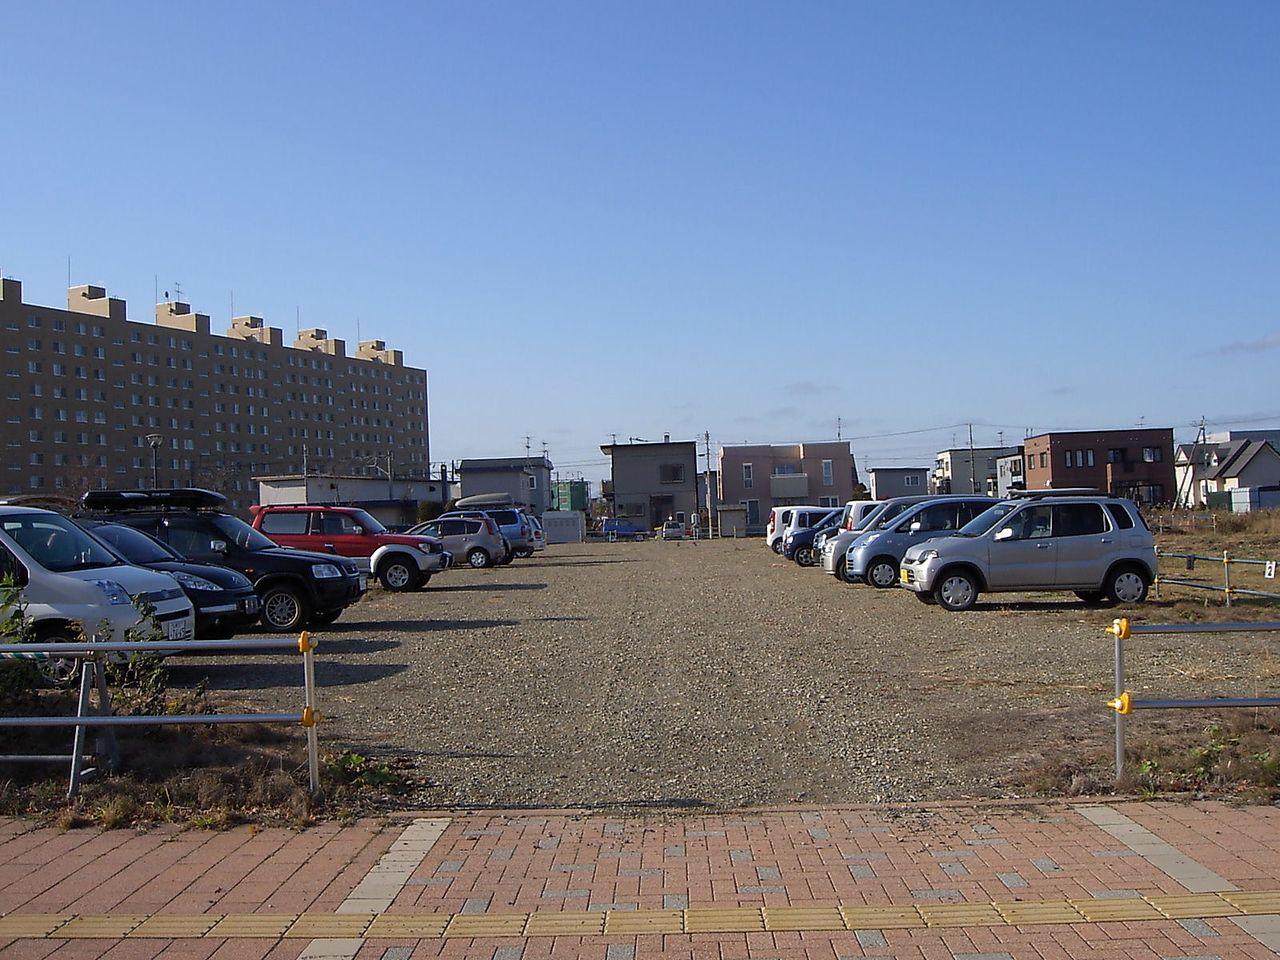 駐車場の草刈りは基本的には貸主の責任です。